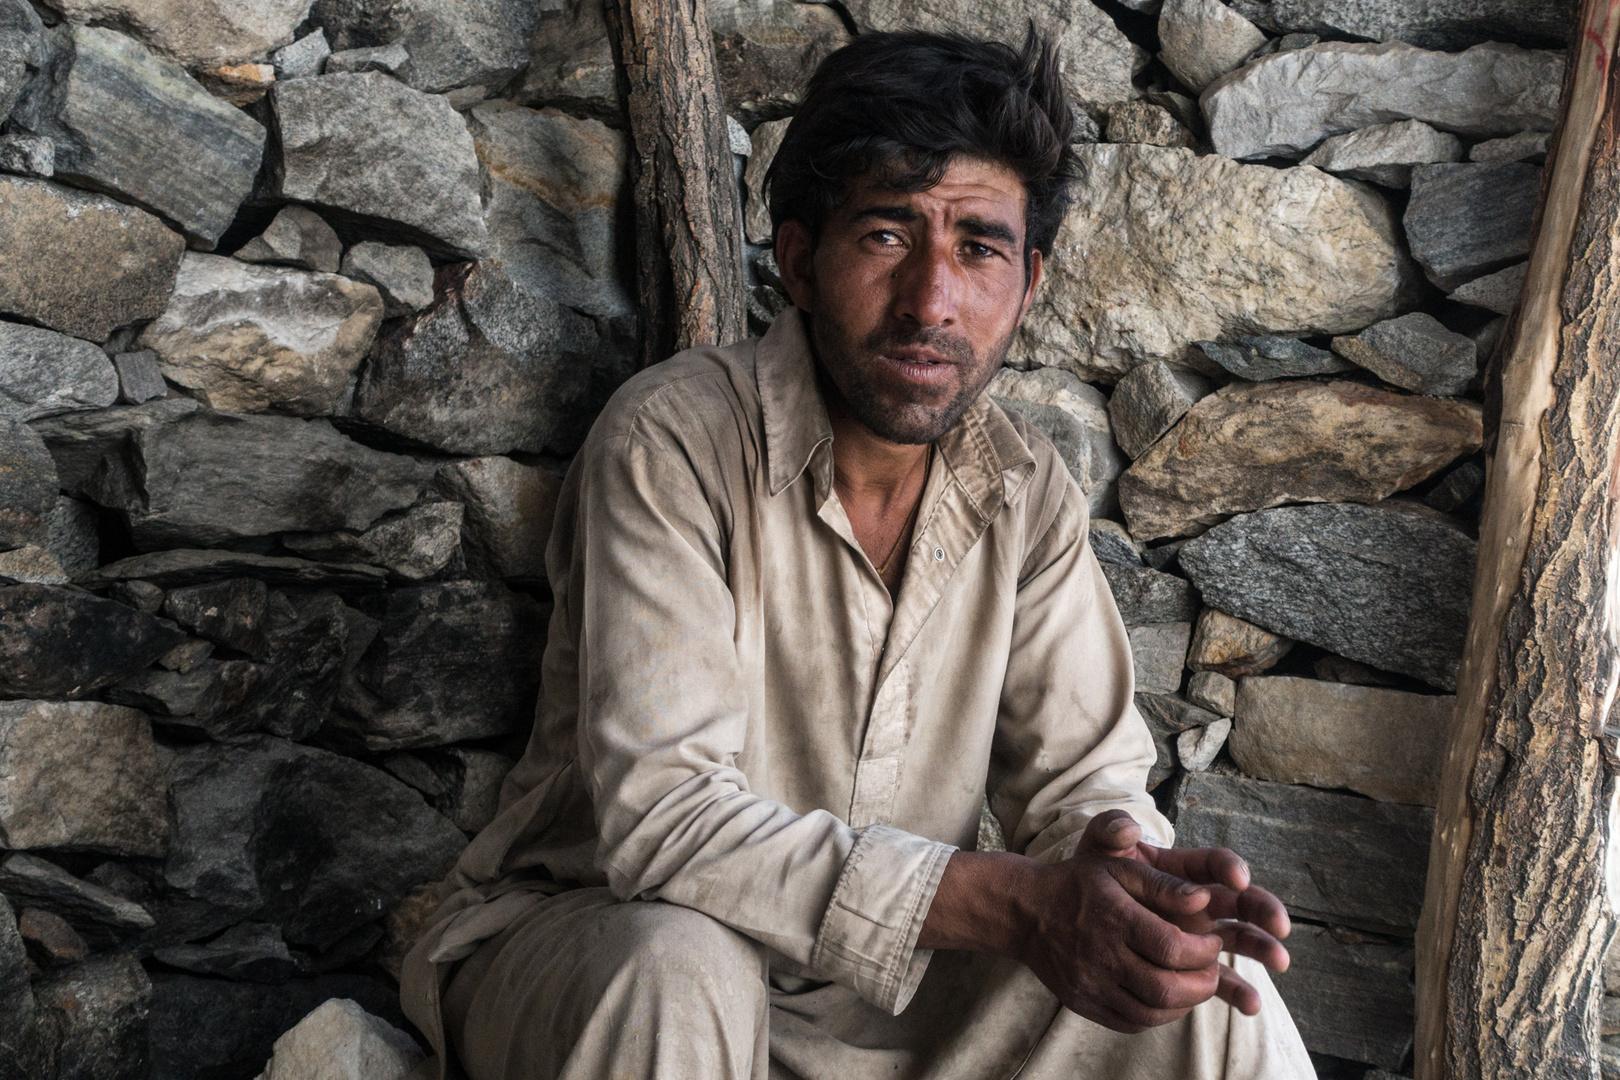 Porträts aus Pakistan: Pferdeführer im Baltorogebiet